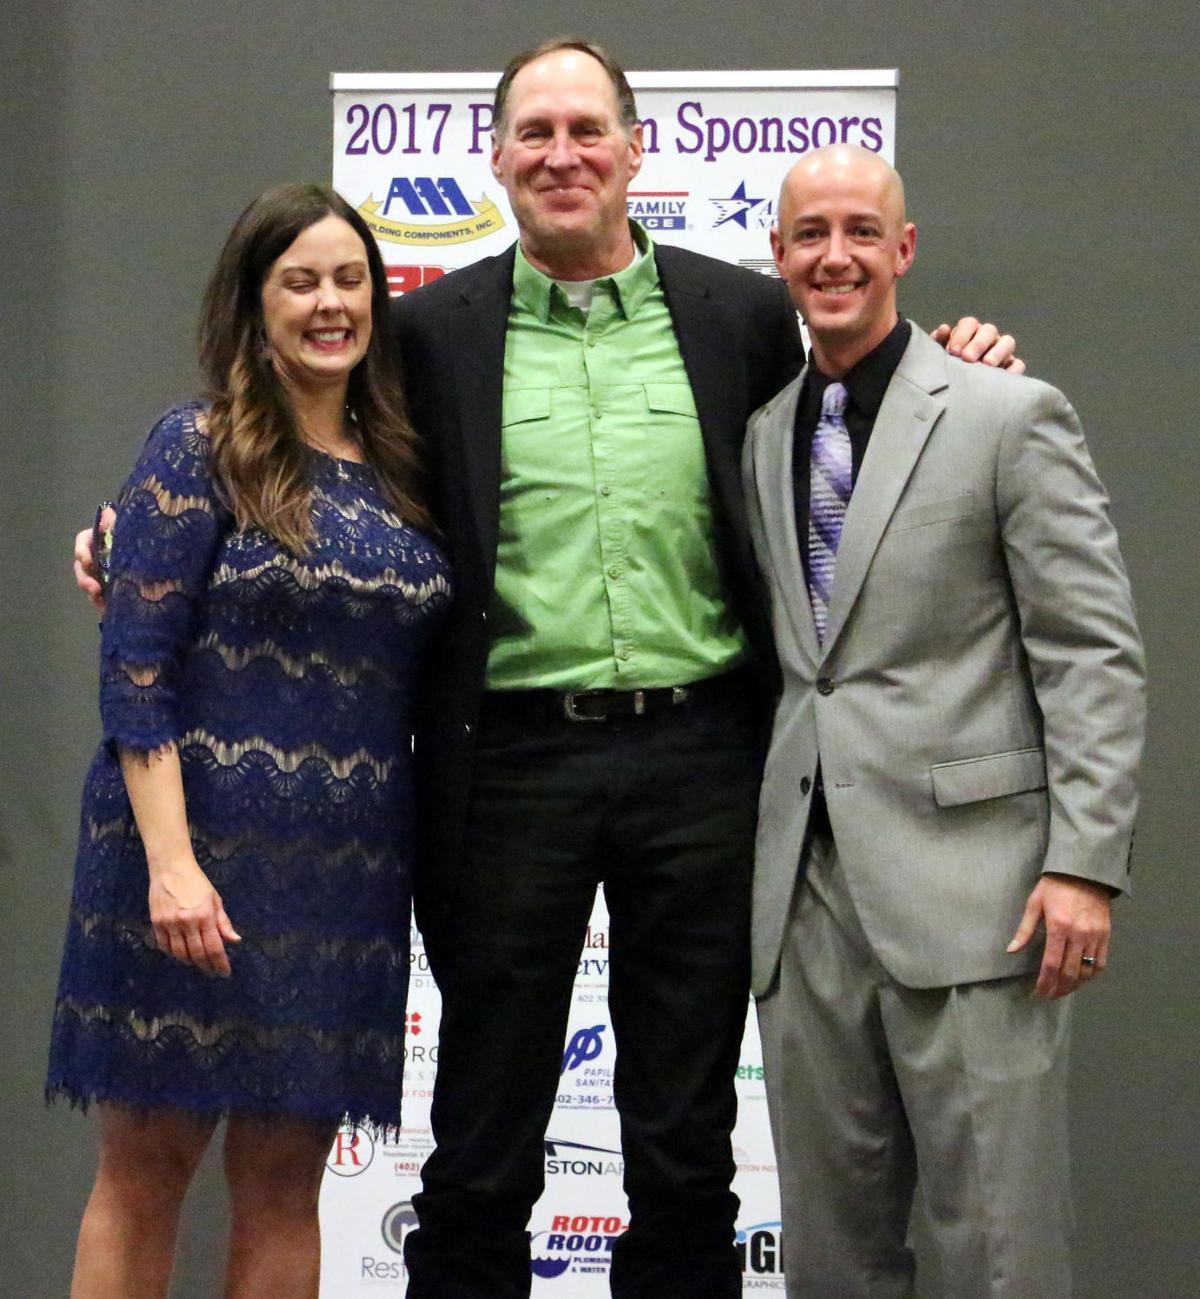 Chamber hosts awards banquet